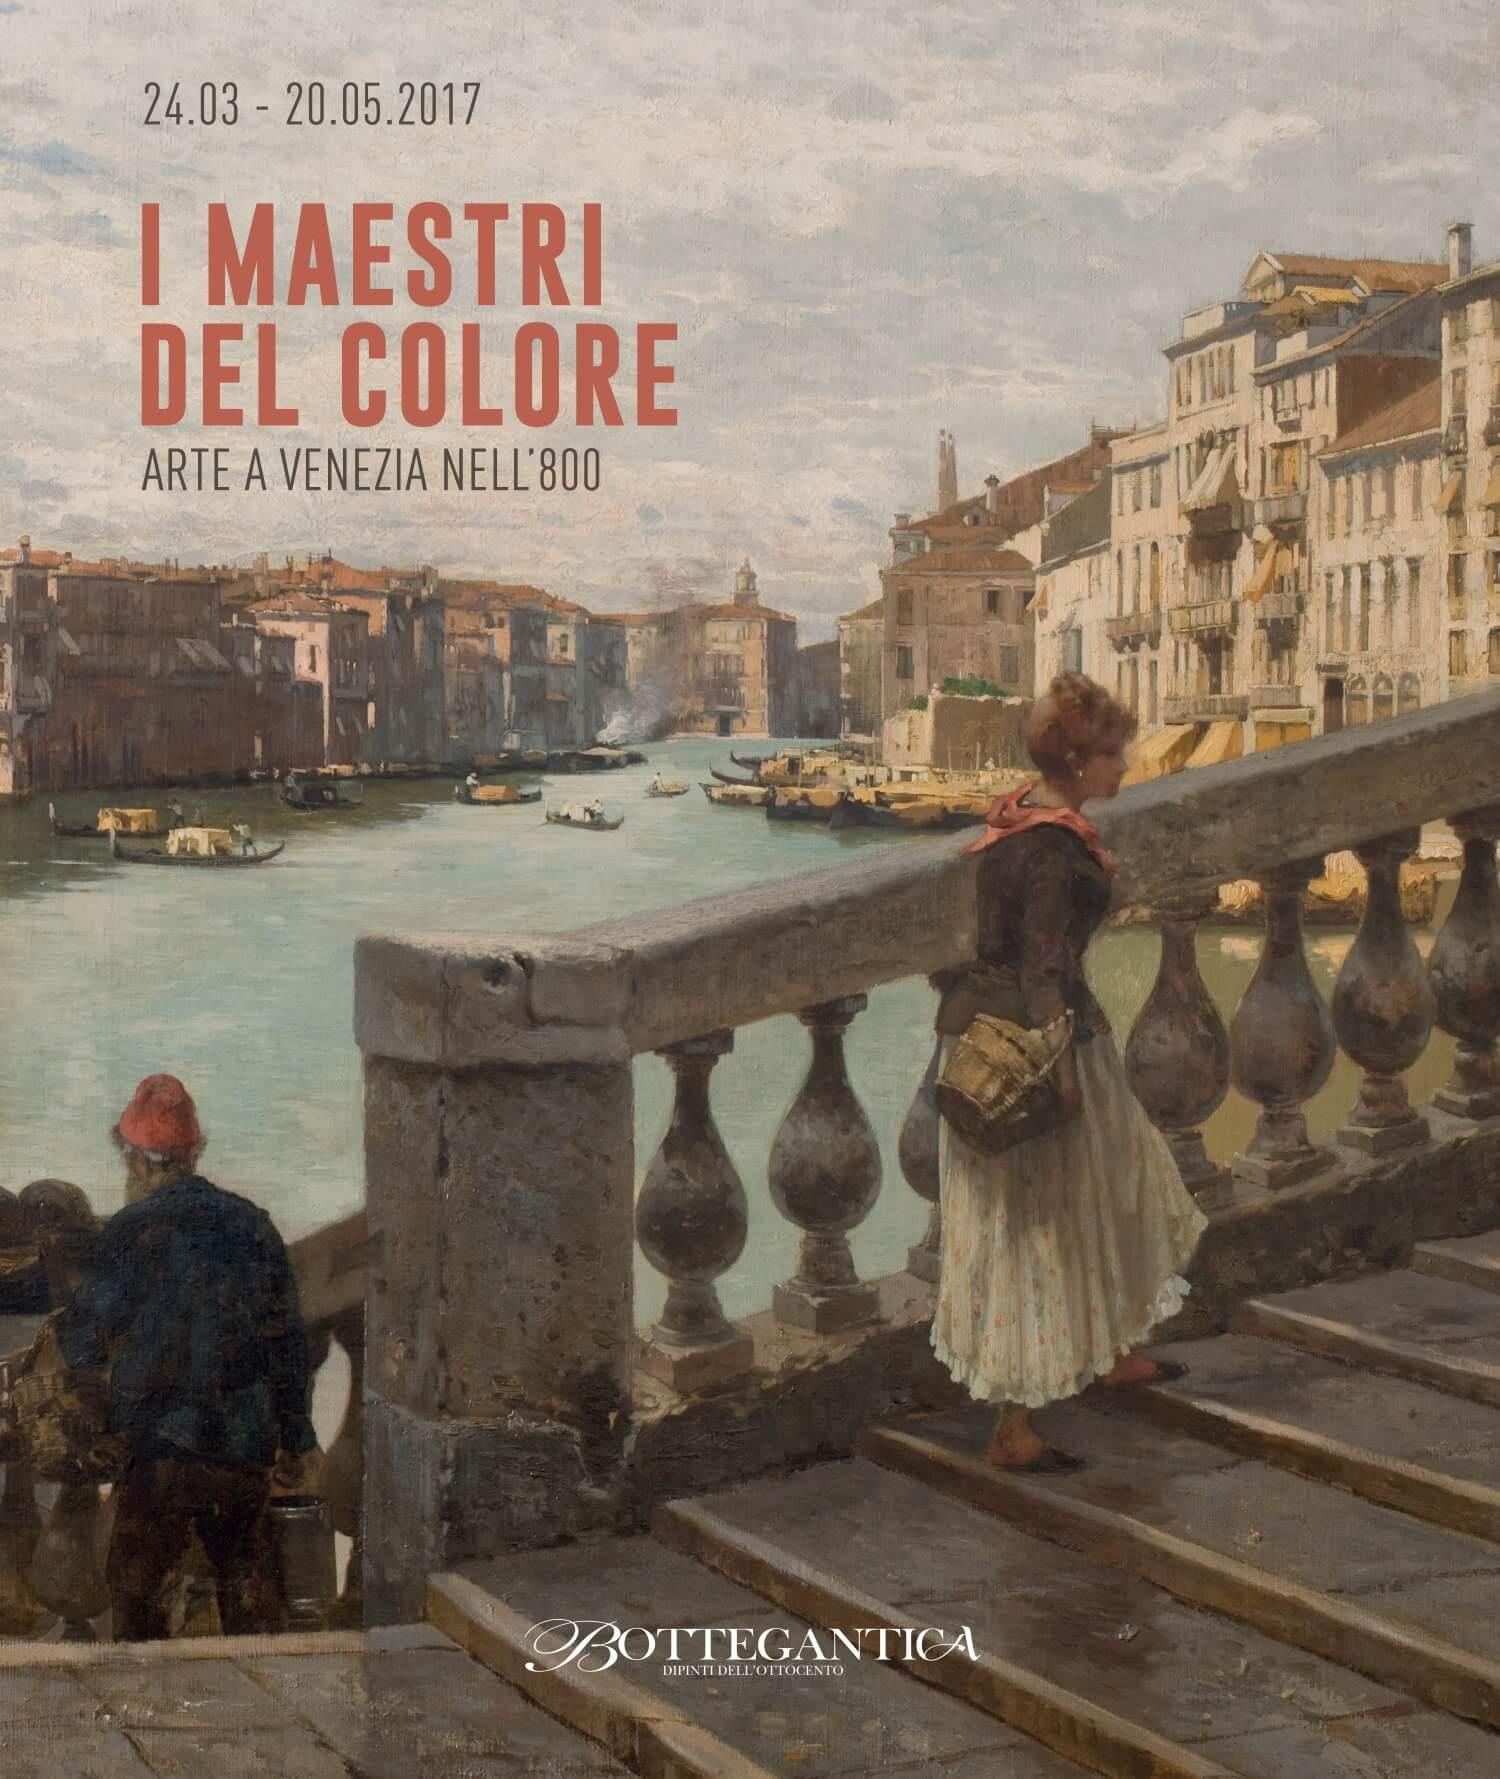 Maestri del Colore, Arte a Venezia nell'800